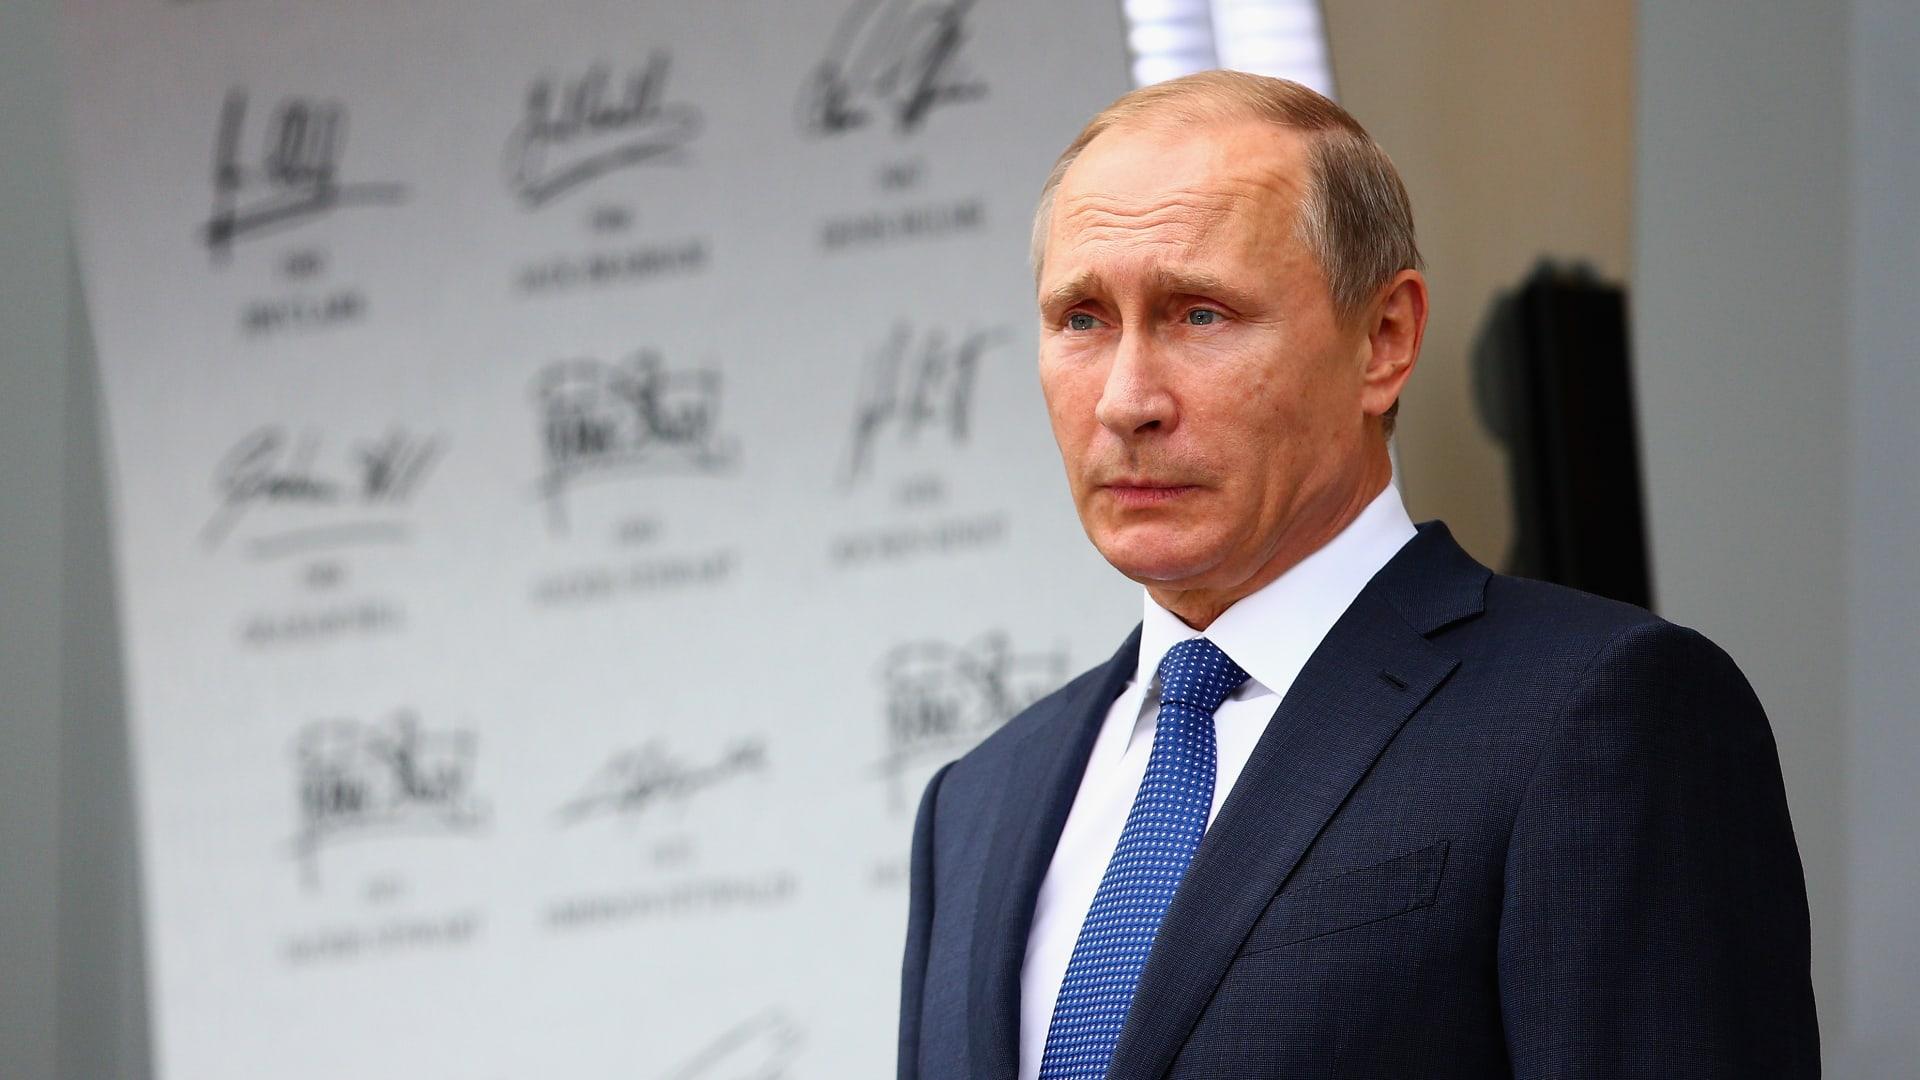 """بوتين يدعو إلى إجراء تحقيق مستقلة في اتهامات WADA بشأن """"فضيحة المنشطات"""""""